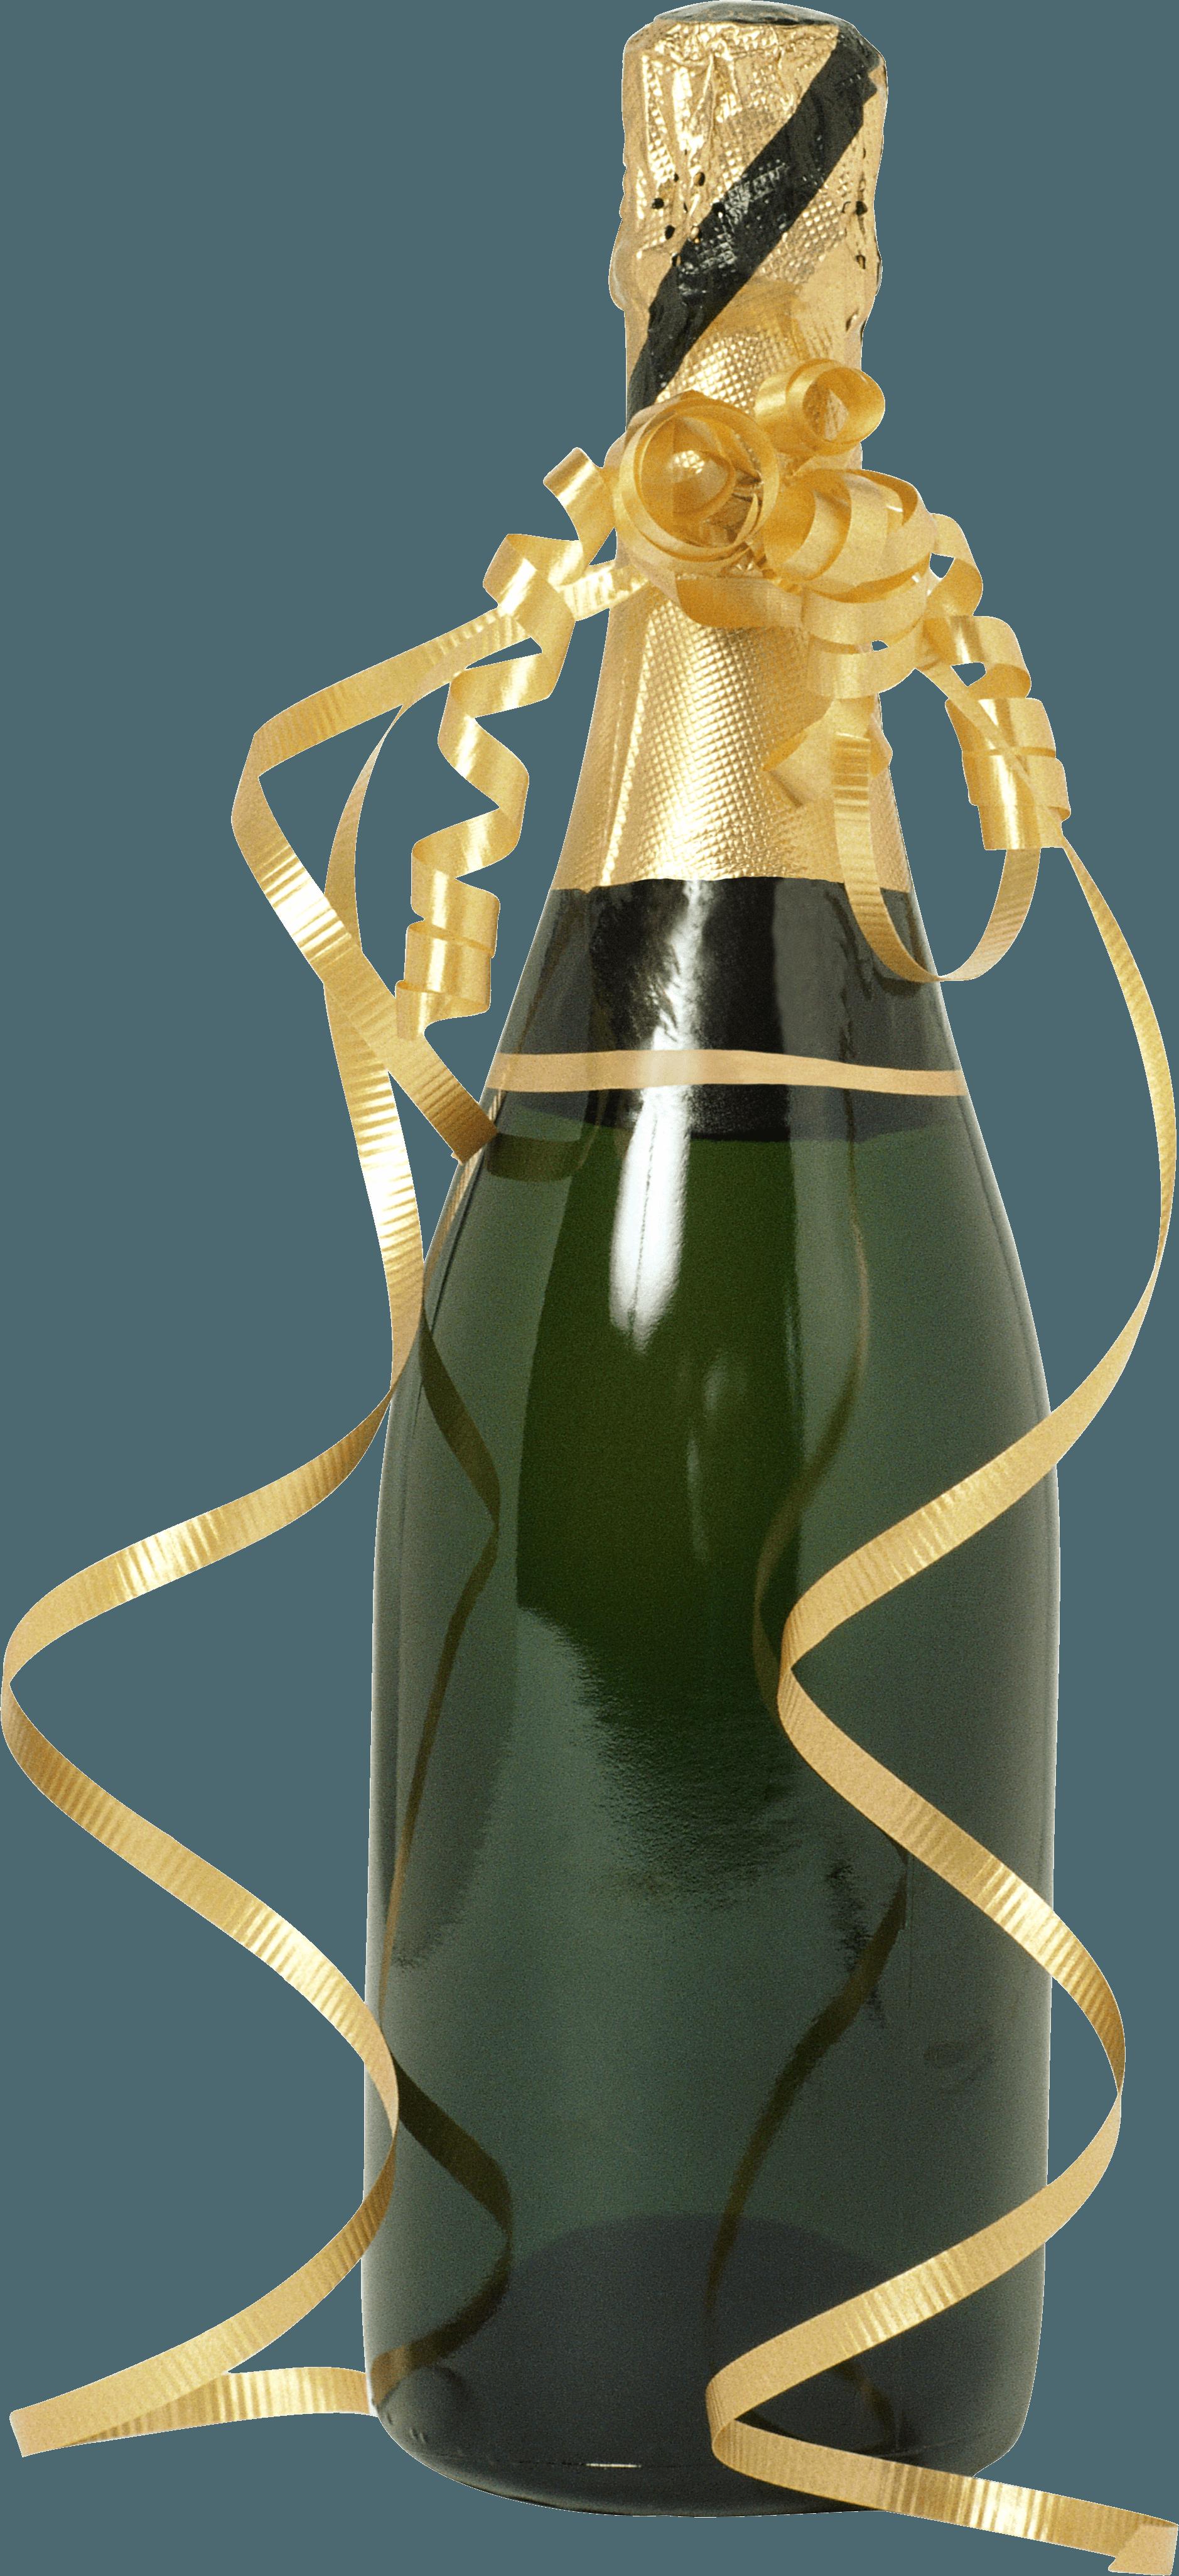 Анимационные открытки шампанское